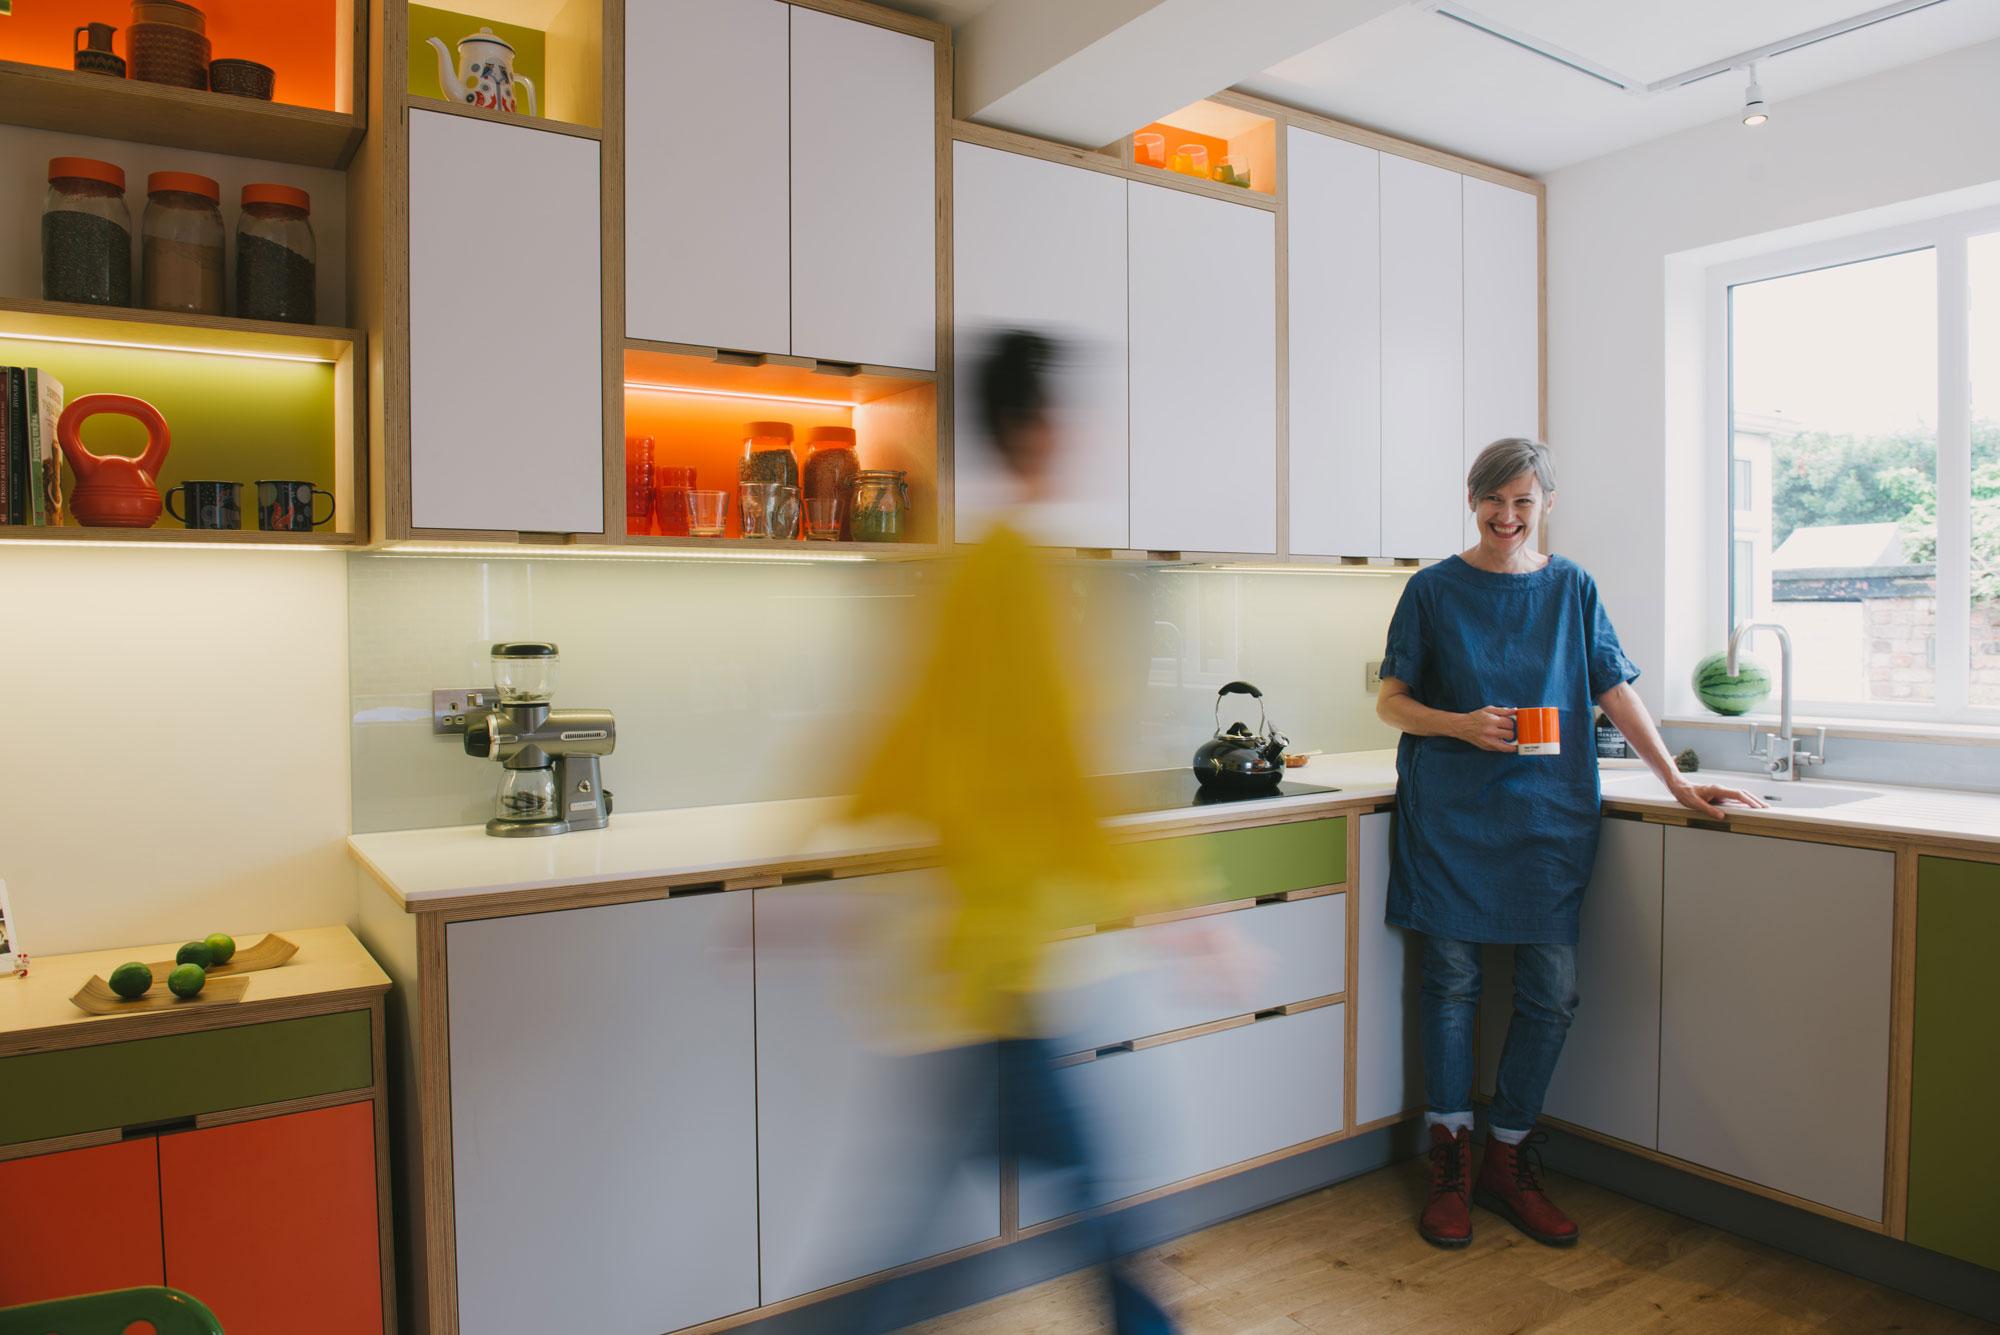 Orange & green kitchen